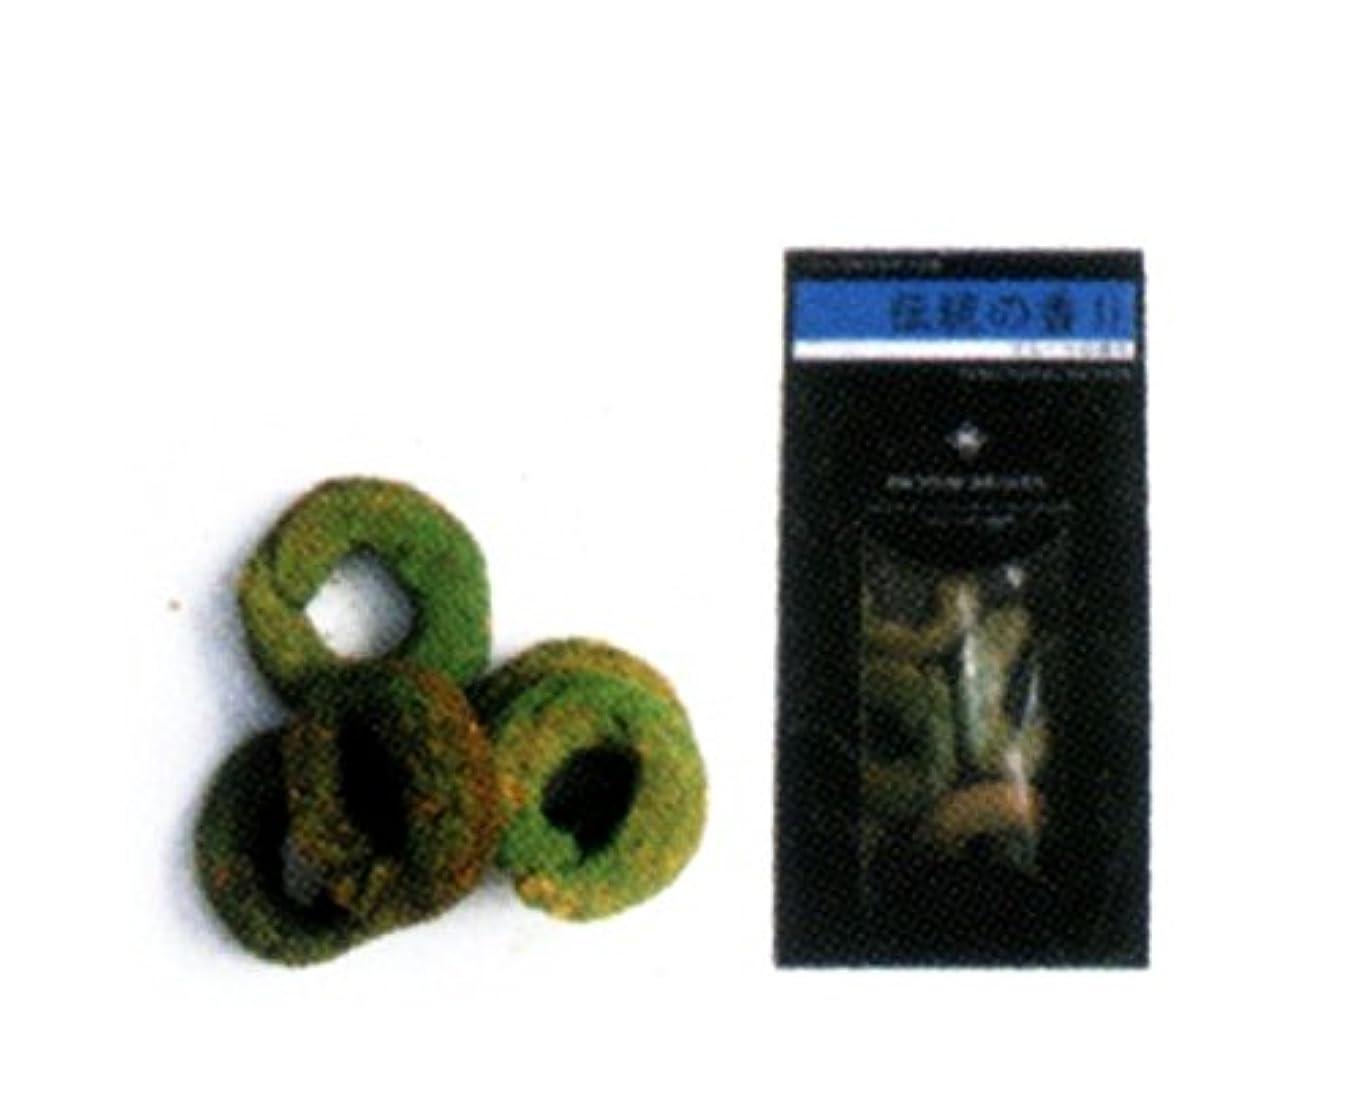 ケーブルカーおかしい通貨インセンスヘブン(100%天然手作りのお香) 伝統の香り